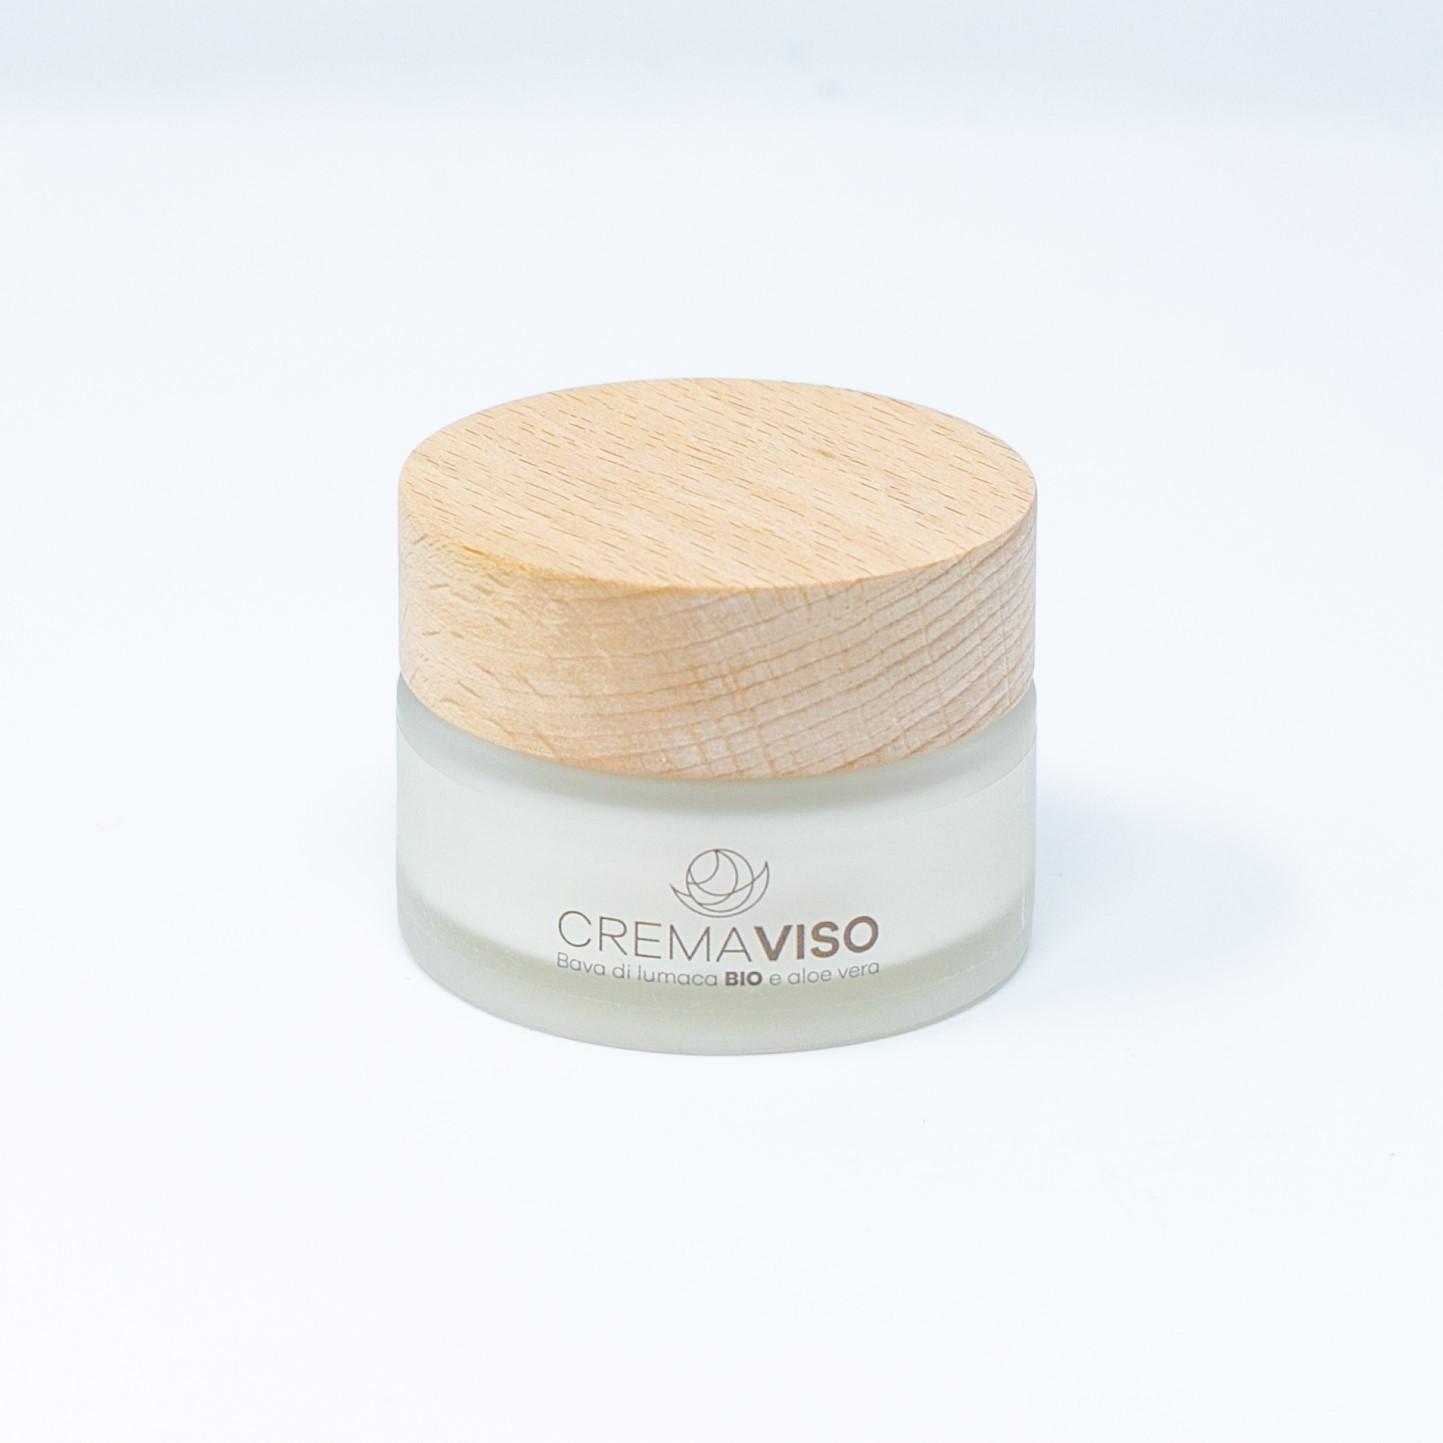 Crema Viso alla Bava di Lumaca 81,5% e Aloe Vera